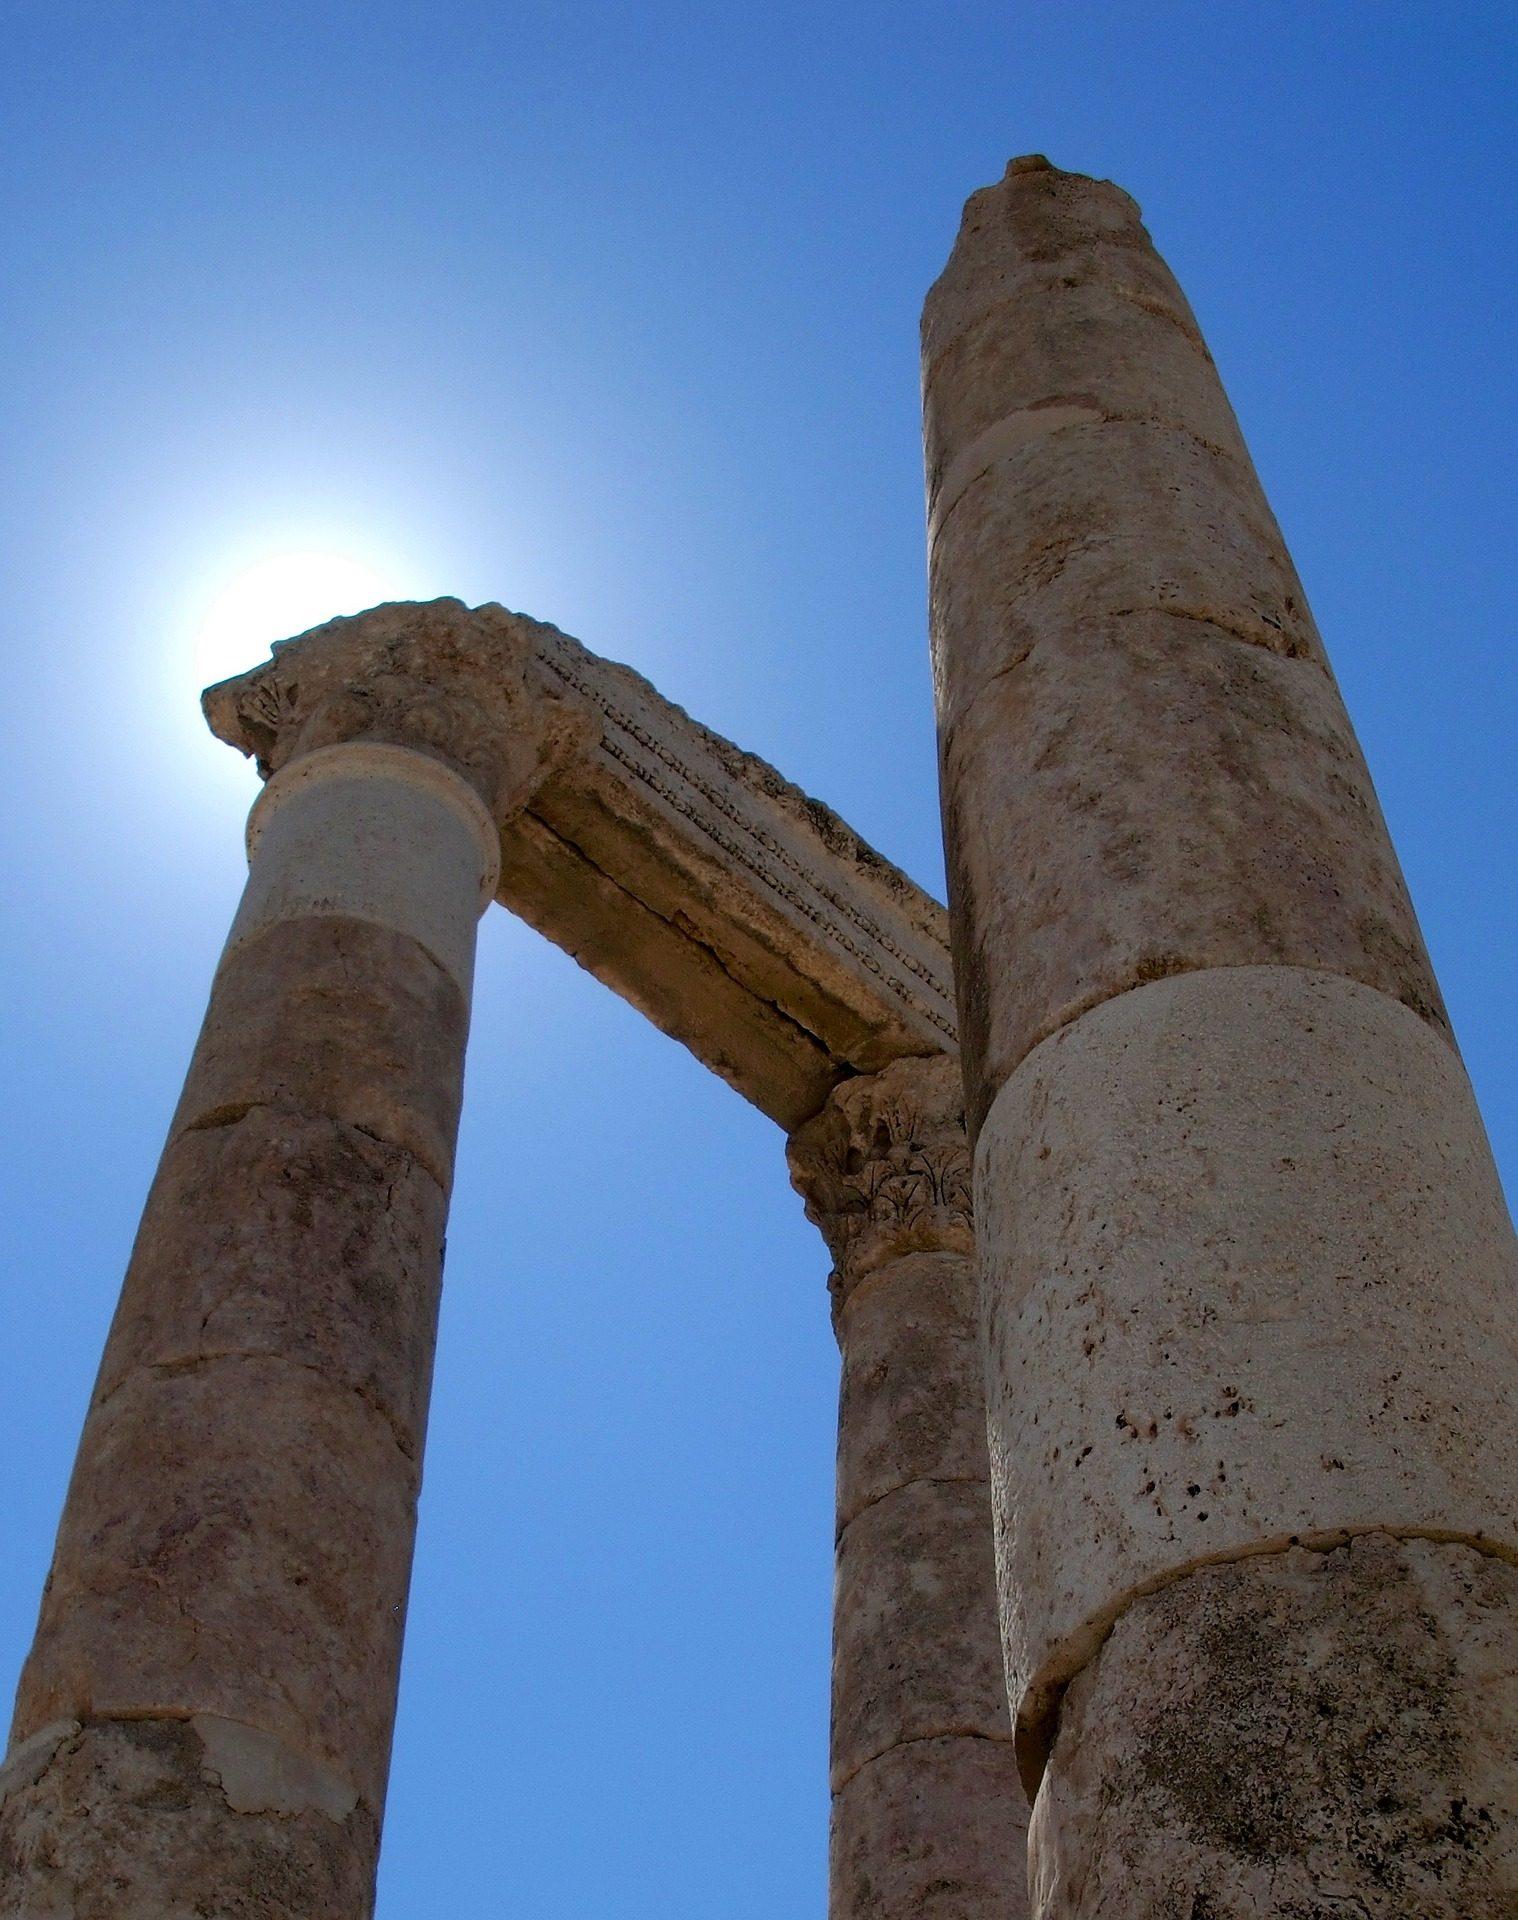 στήλες, ερείπια, πέτρες, Rocas, Αρχαία - Wallpapers HD - Professor-falken.com